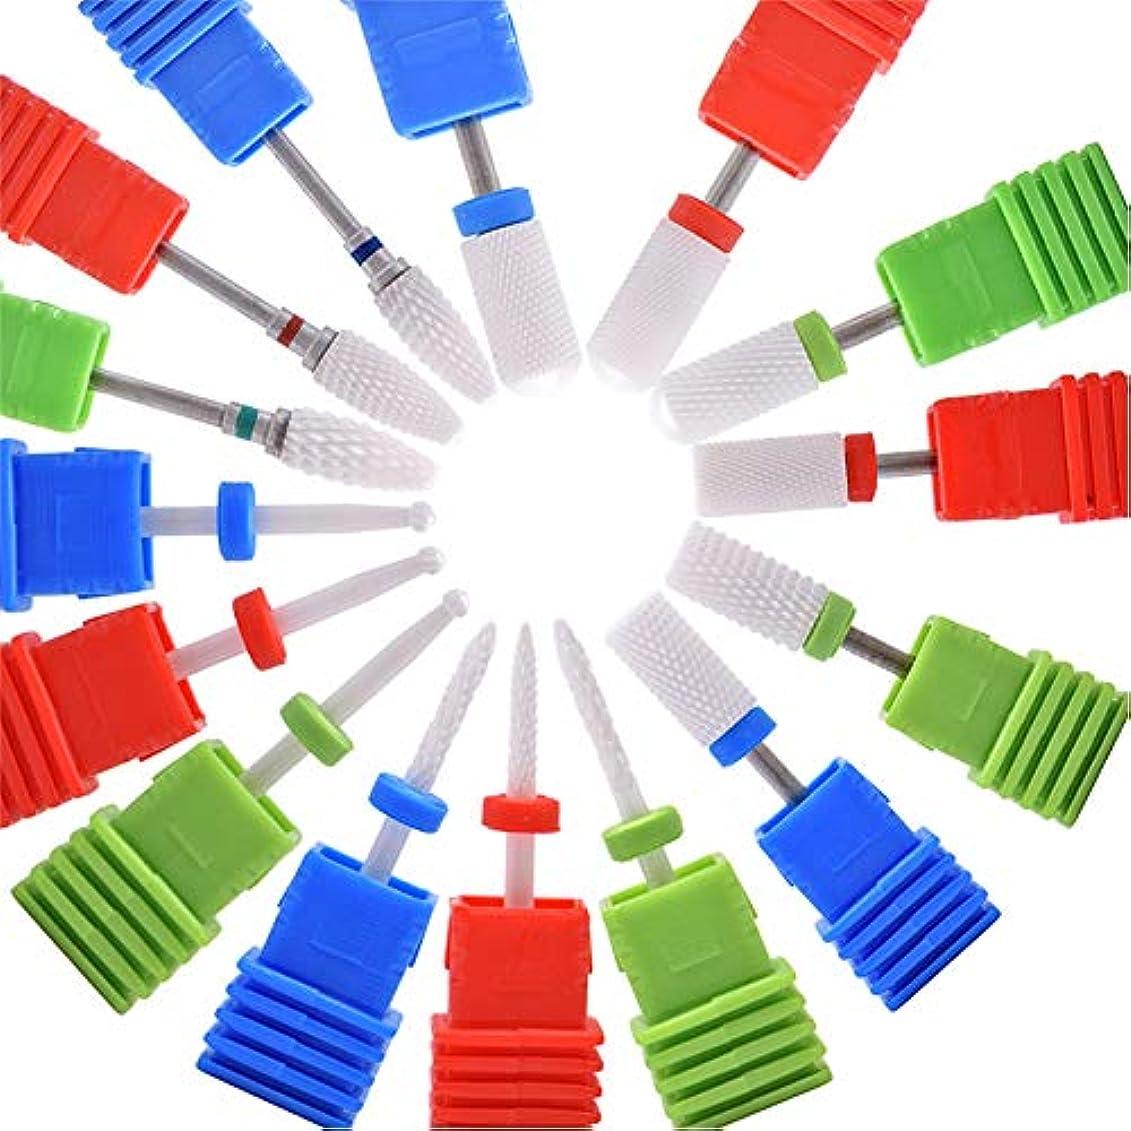 野心的世辞共和国Oral Dentistry ネイルアート ドリルビット 研削ヘッド 研磨ヘッド ネイル グラインド ヘッド 爪 磨き 研磨 研削 セラミック 全3色 15種類